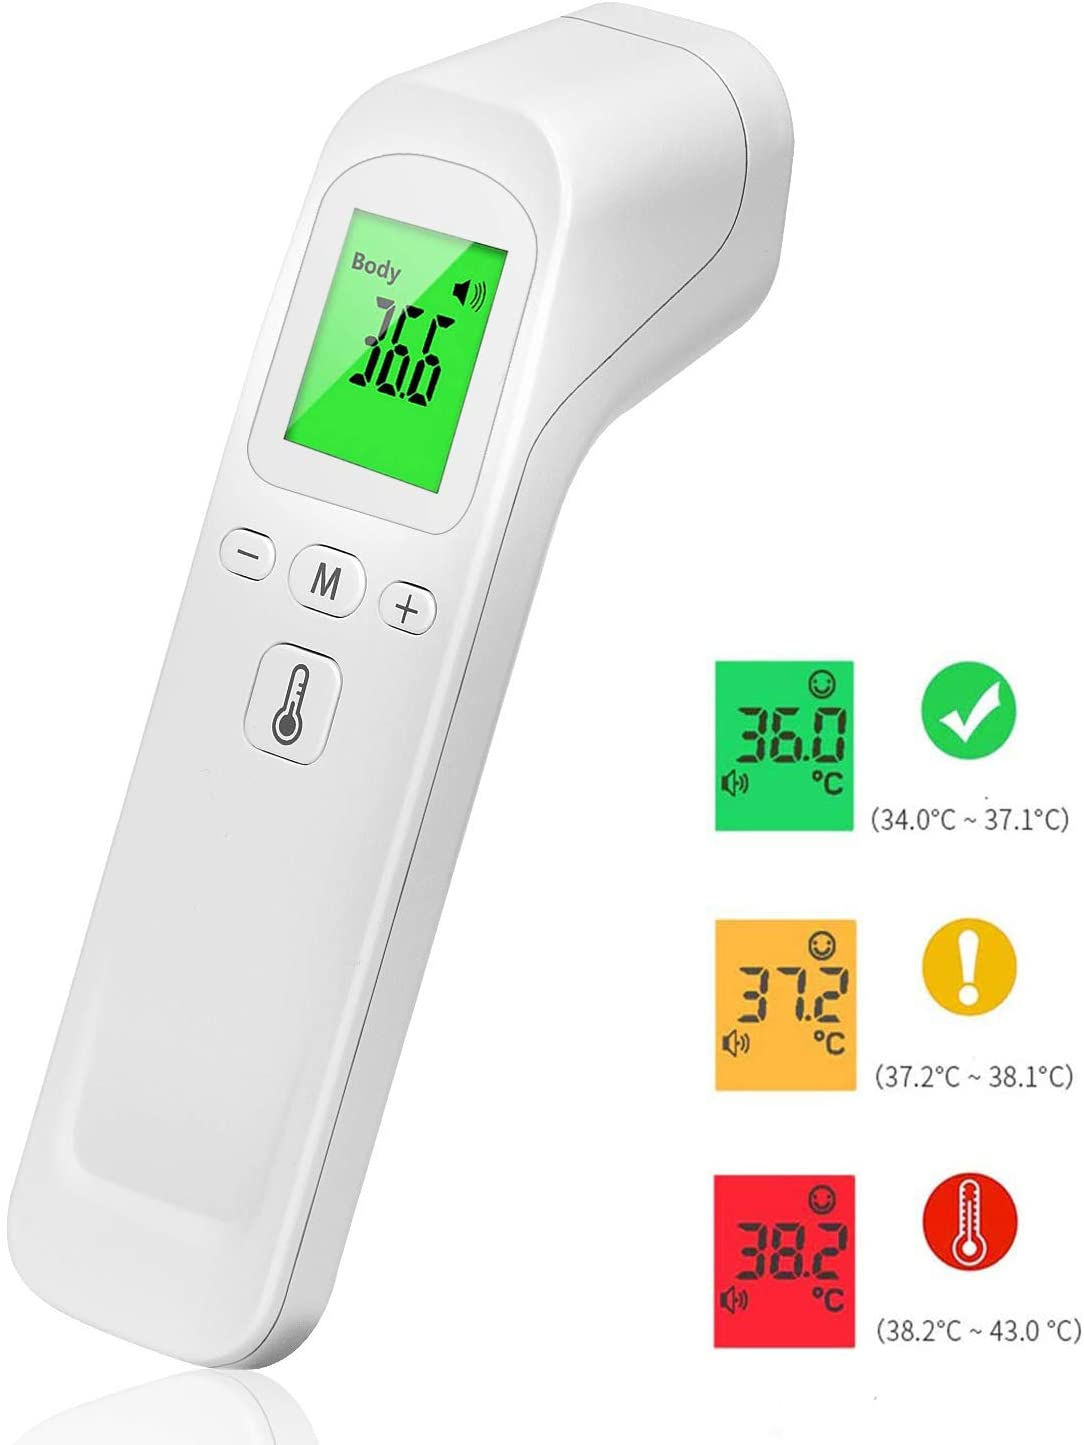 日本在庫あり 2-3日で配達 非接触体温計 温度計 赤外線測定 LEDデジタルディスプレイ 1秒高速温度測定